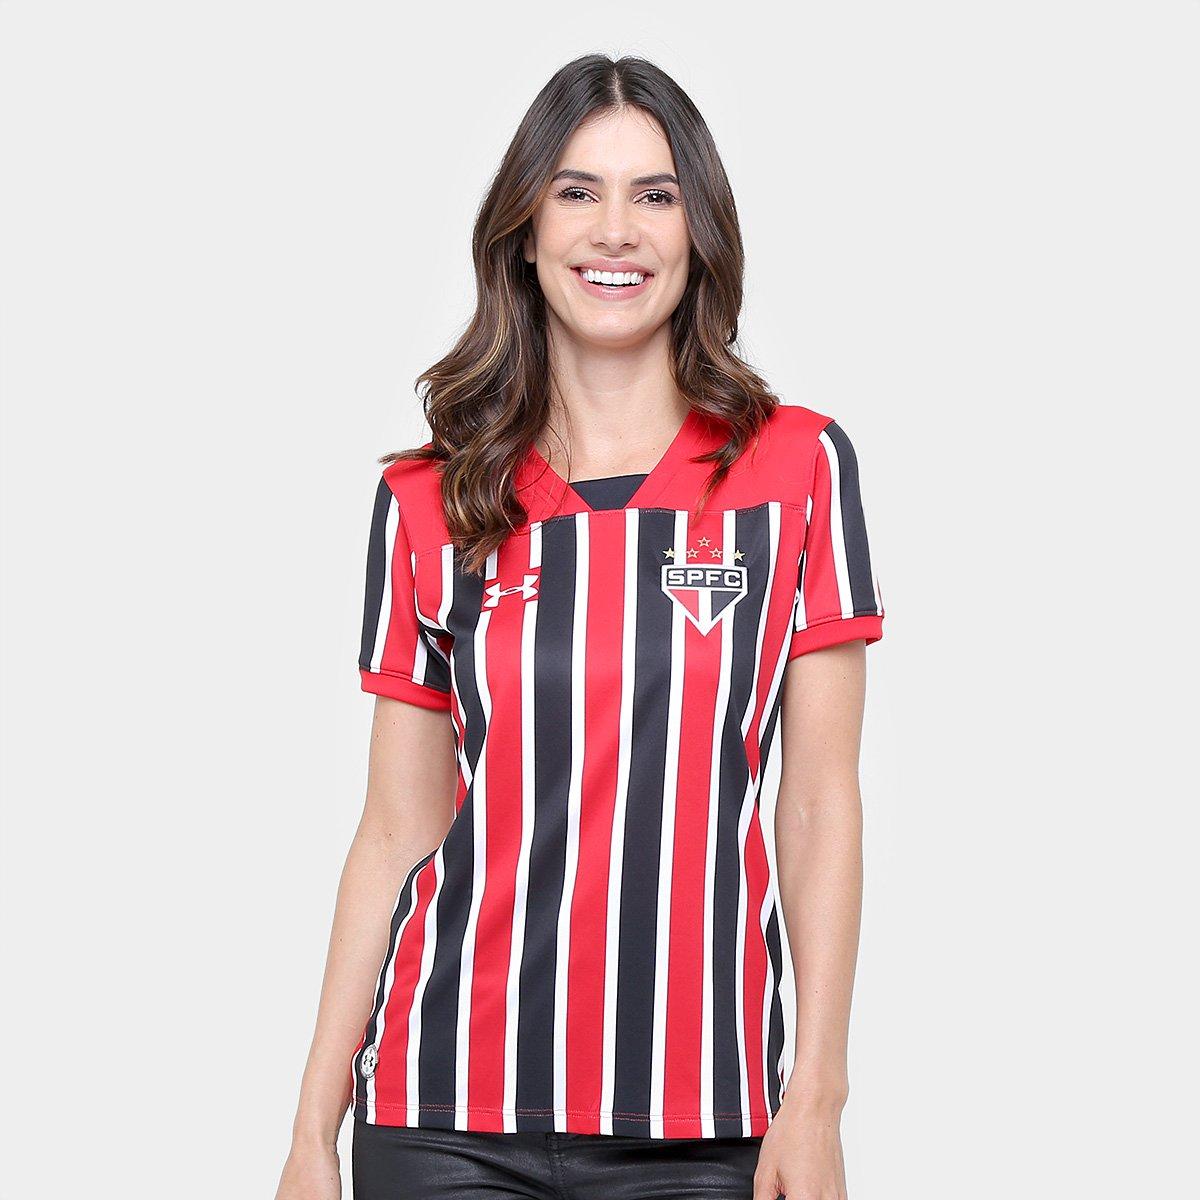 17 Vermelho II nº Camisa e 18 Feminina Under São Paulo Torcedor Armour Preto s qt4w6PEw